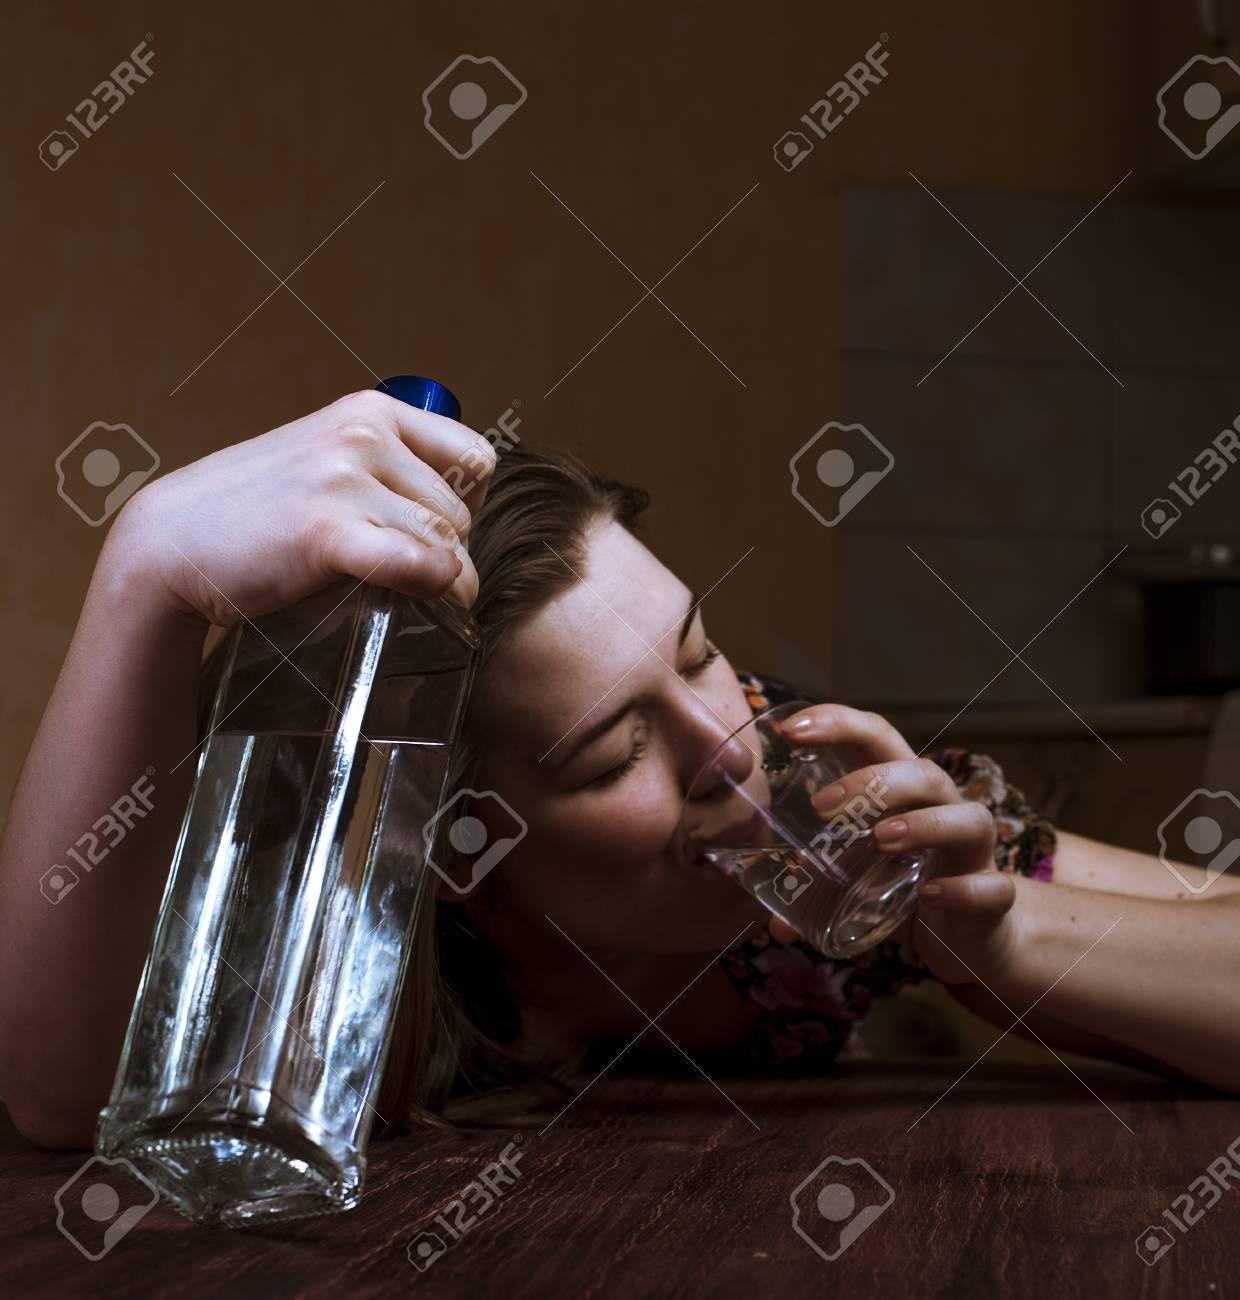 54511699-mujer-borracha-que-sostiene-la-botella-y-beber-su-bebida-alcohólica-alcoholismo-en-las-mujeres-